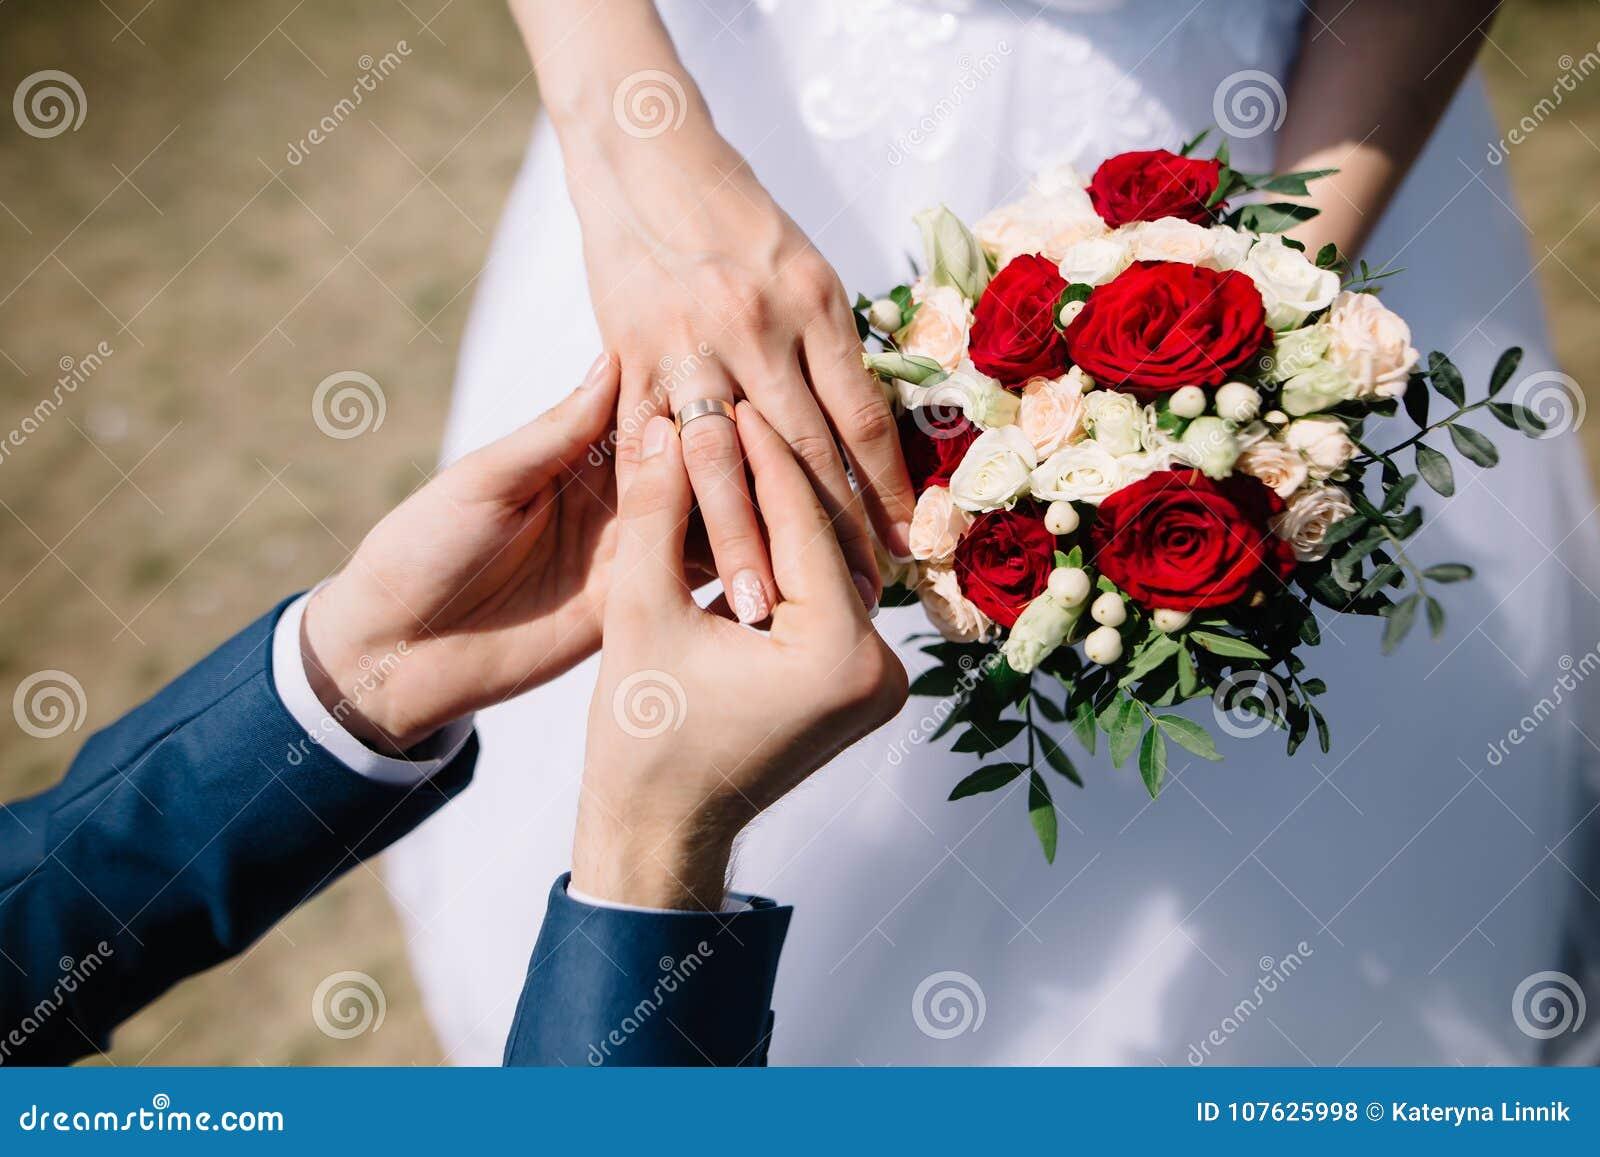 Amor y unión Ceremonia de boda rústica de la bella arte afuera Prepare poner el anillo de oro en el finger del ` s de la novia Ra